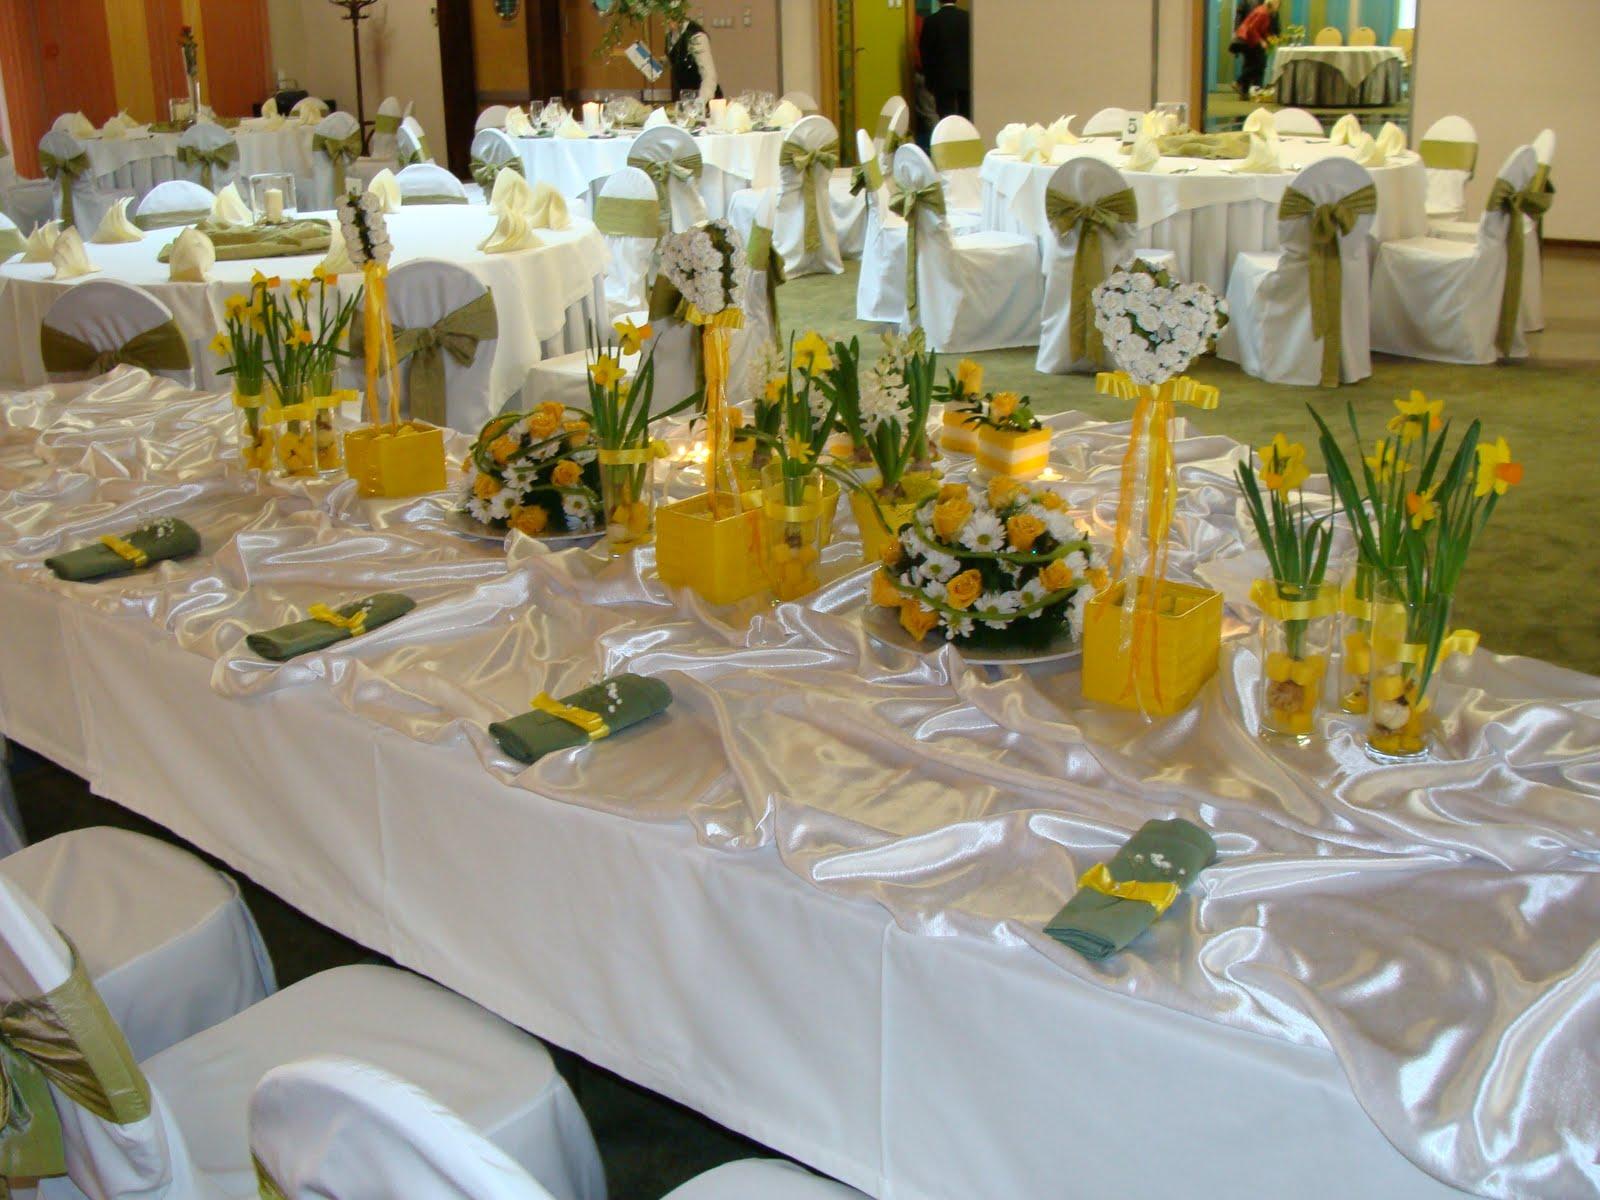 Śluby w kwiaciarni Czerwone Korale: Dekoracja stołu w kolorze żółtym. Hotel Europa. Starachowice.